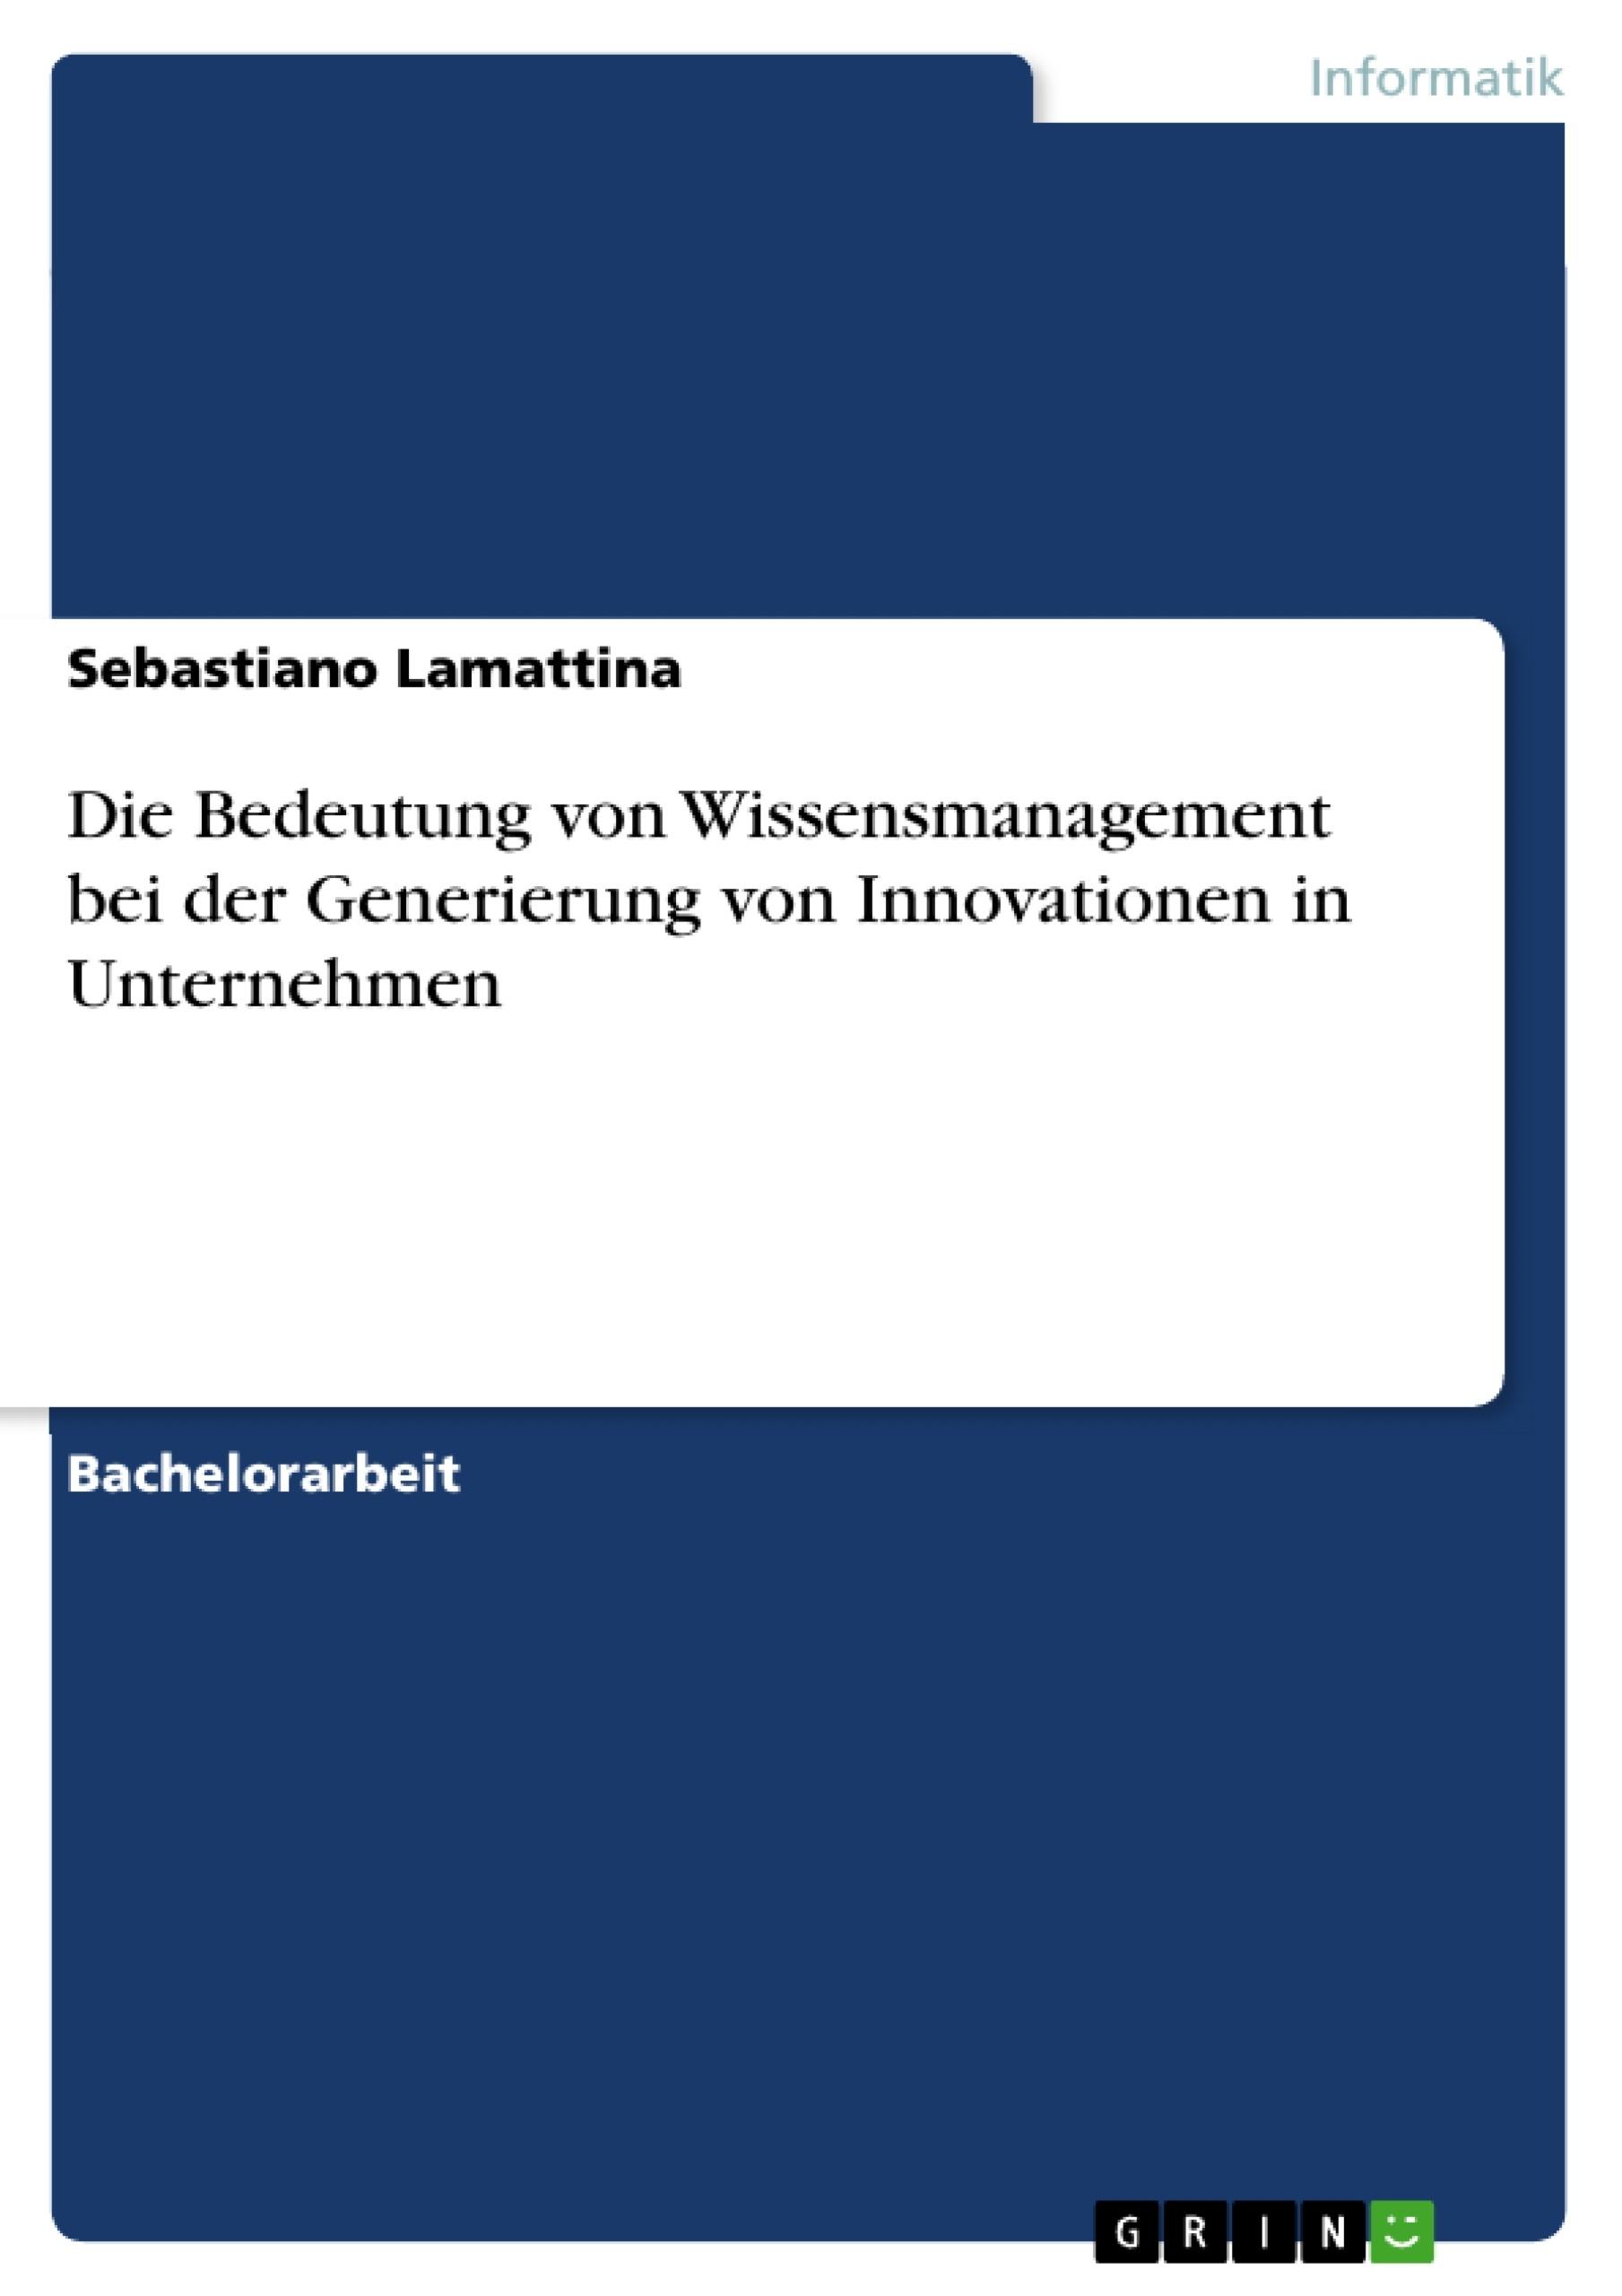 Titel: Die Bedeutung von Wissensmanagement bei der Generierung von Innovationen in Unternehmen